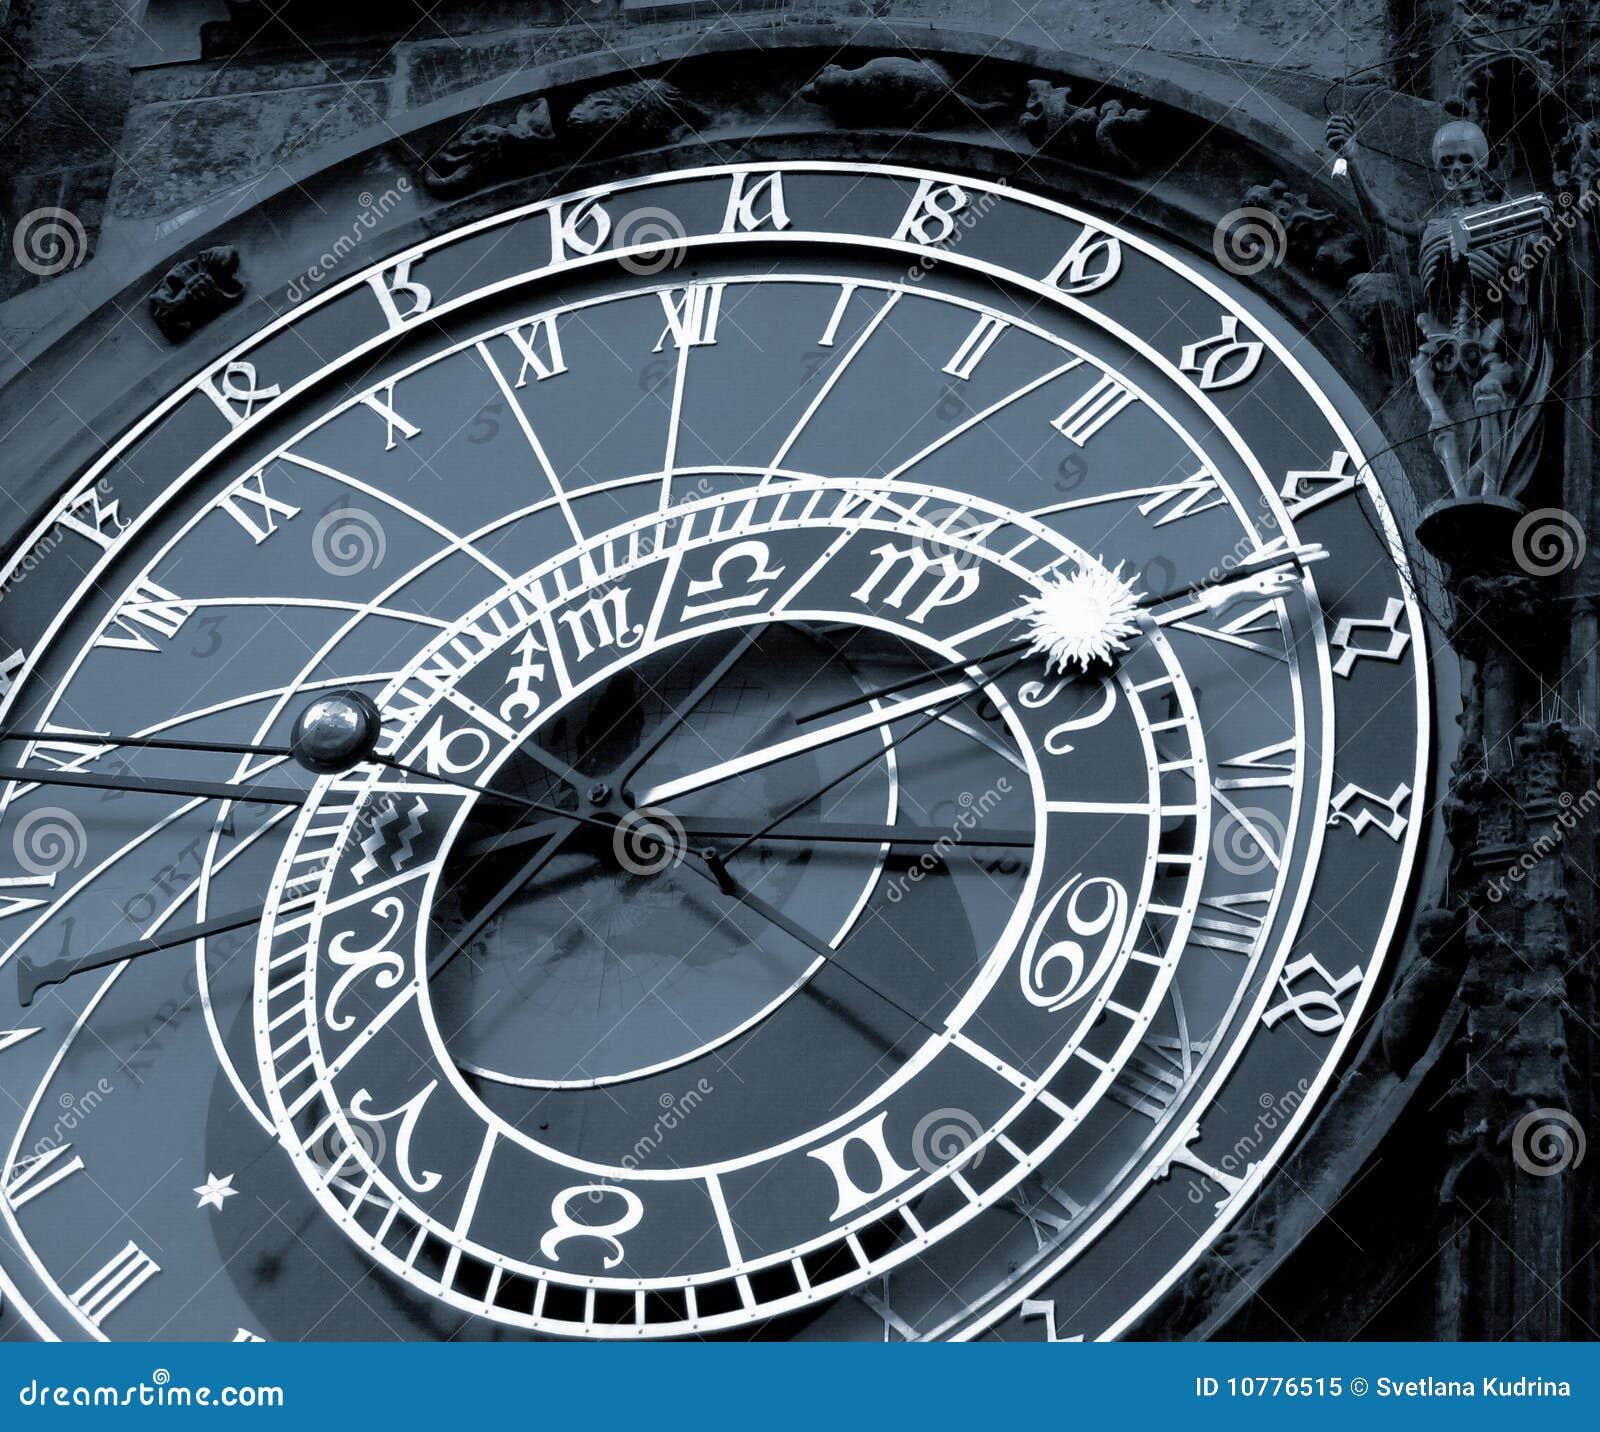 De klok van Orloy - symbool van Praag.